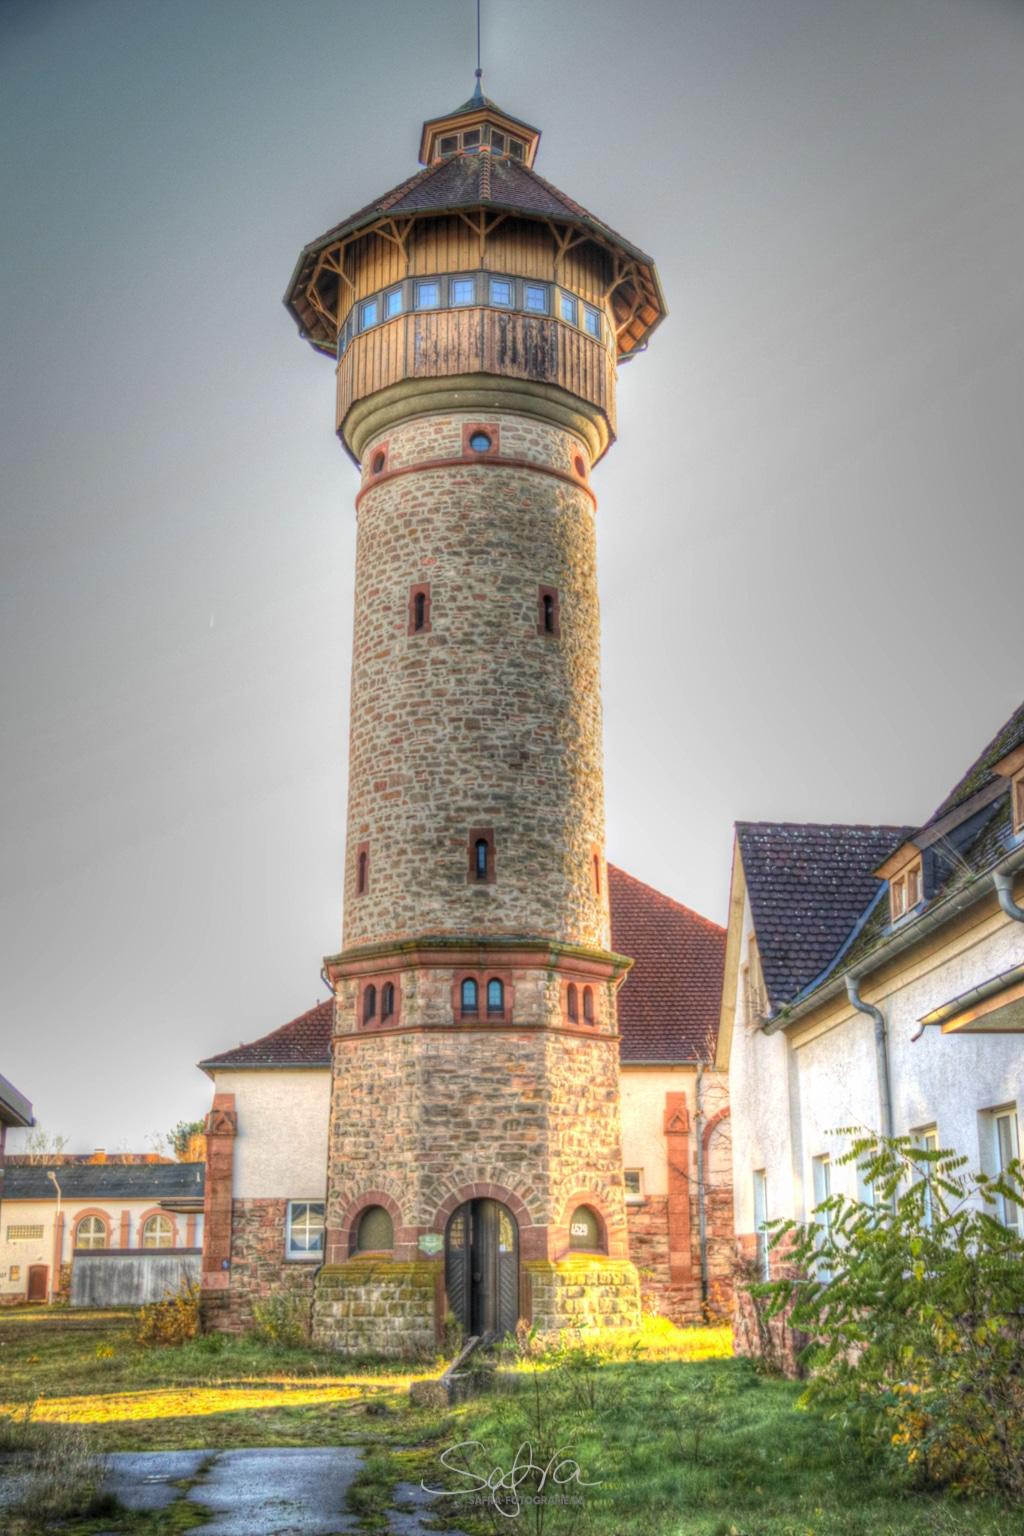 Babenhäuser Kaserne, alter Wasserturm, HDR